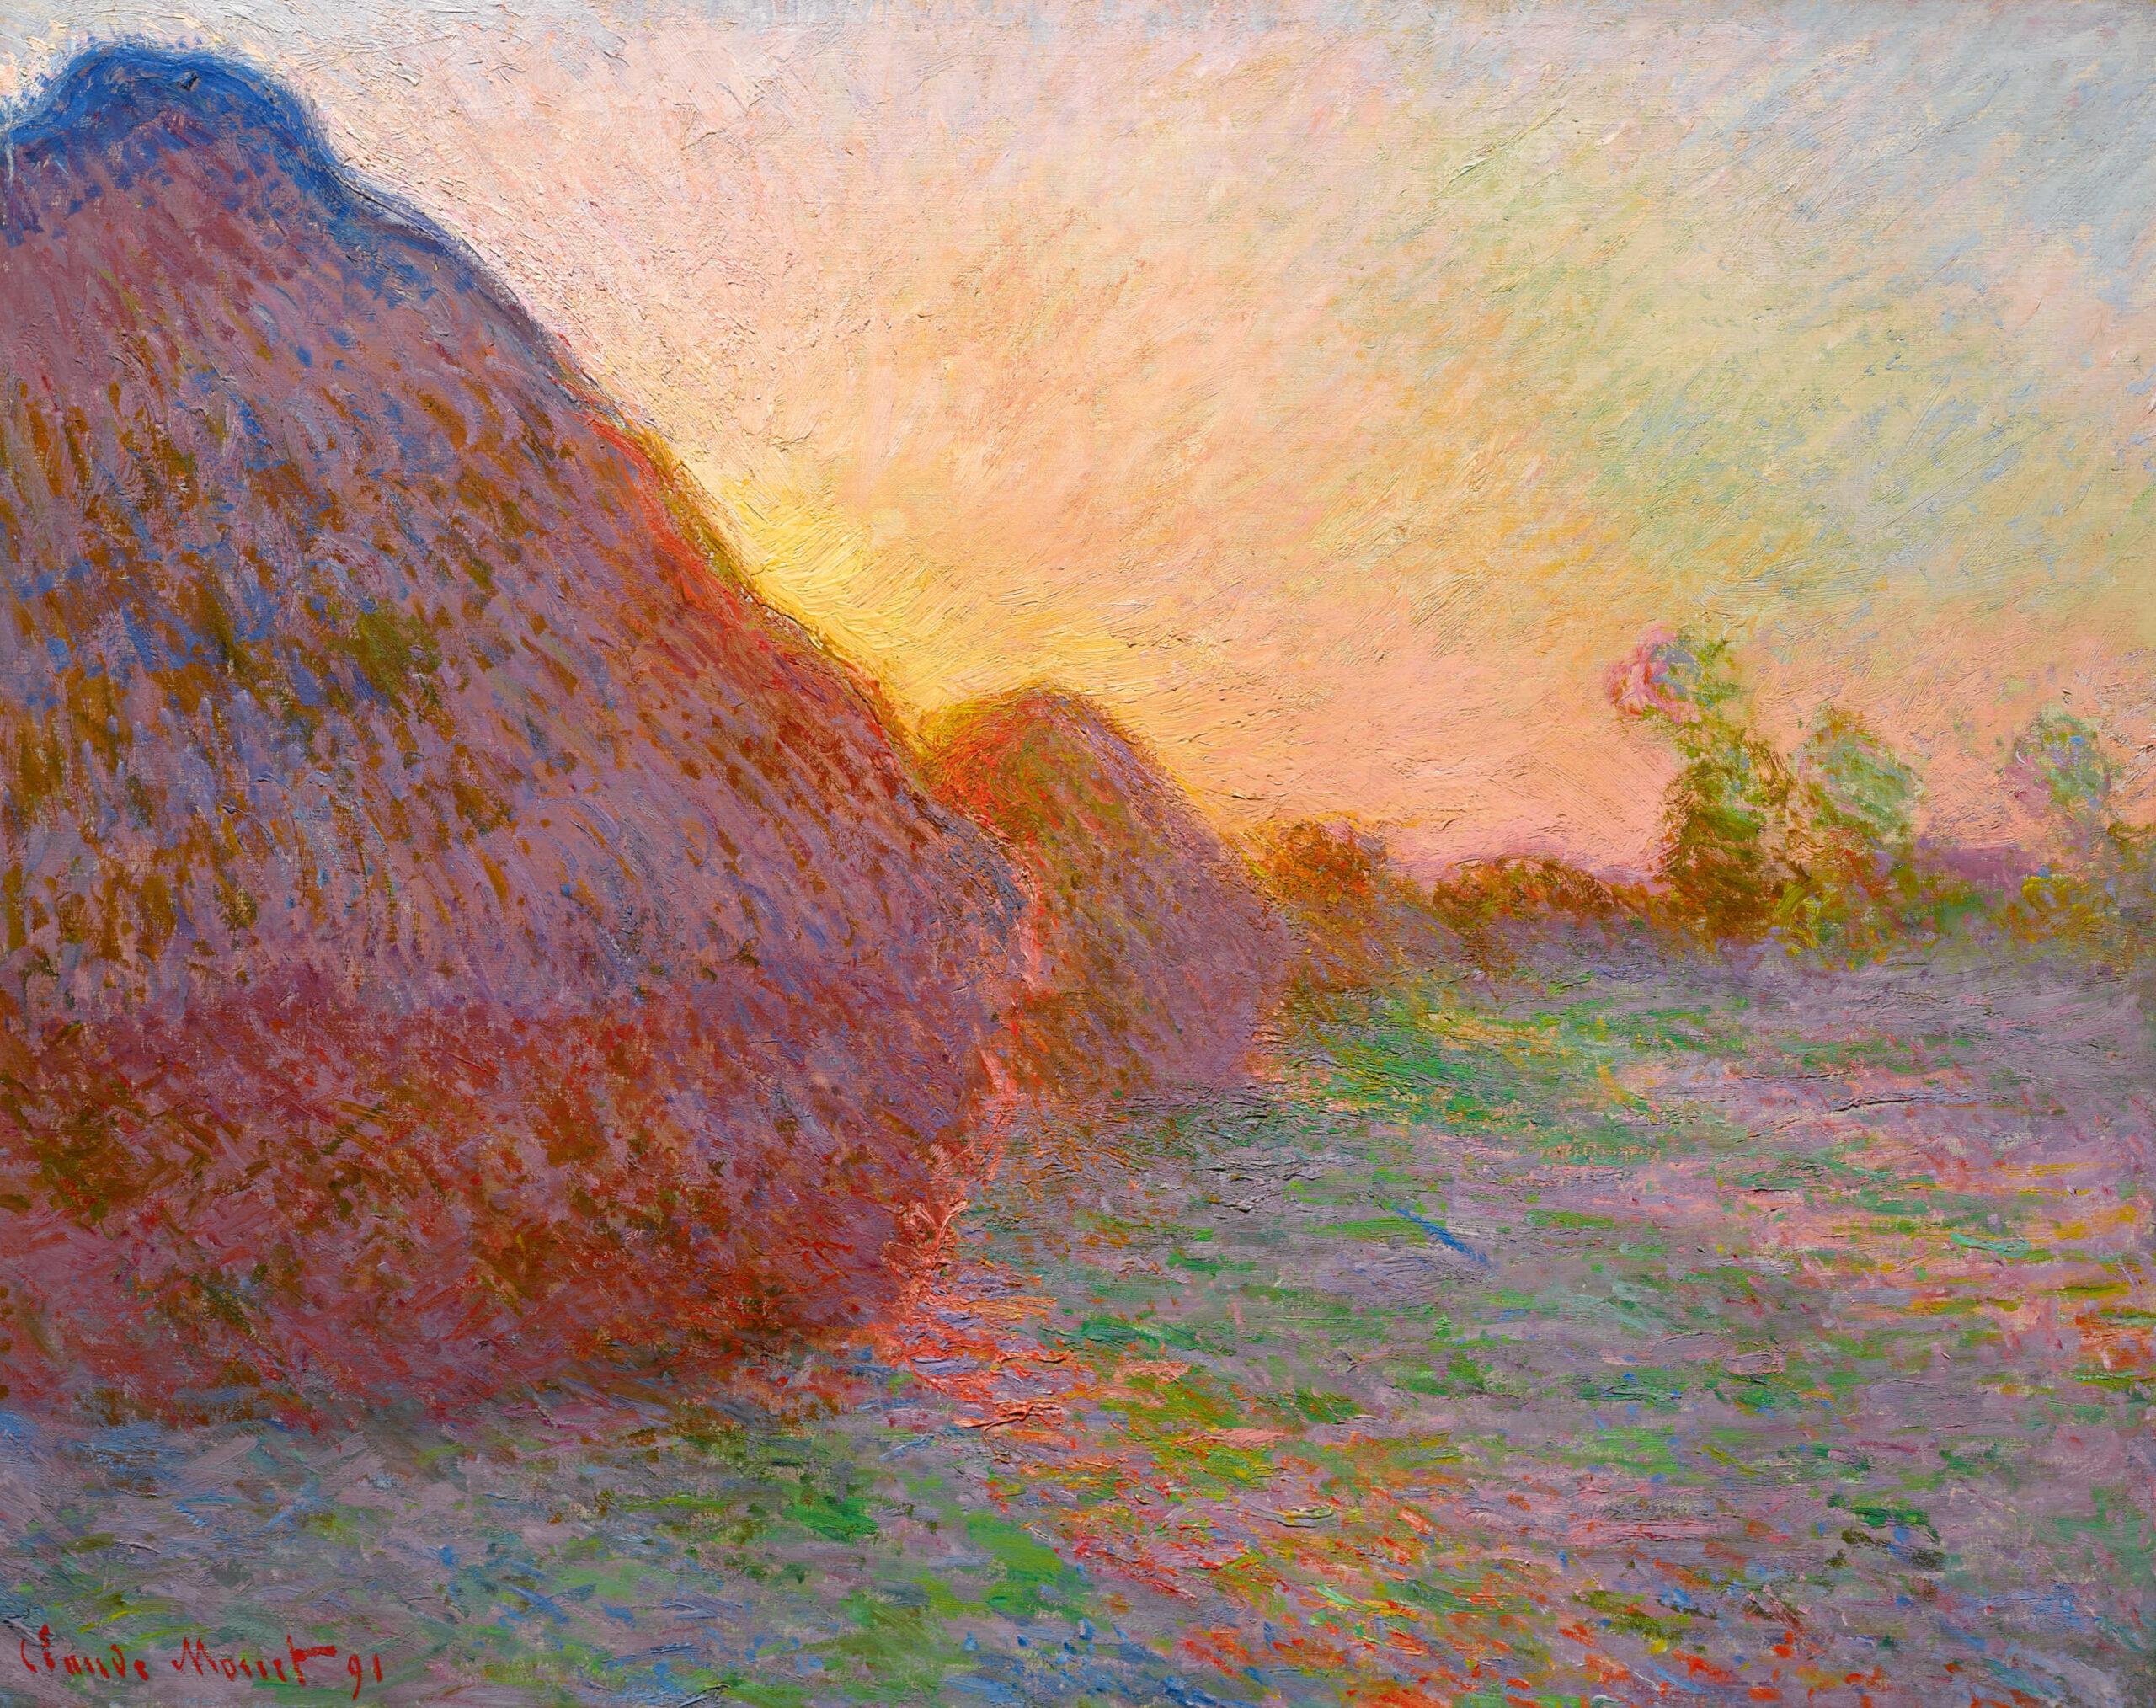 L'Impressionismo nella musica. Ravel, Debussy e Lili Boulanger sulle note dell'arte